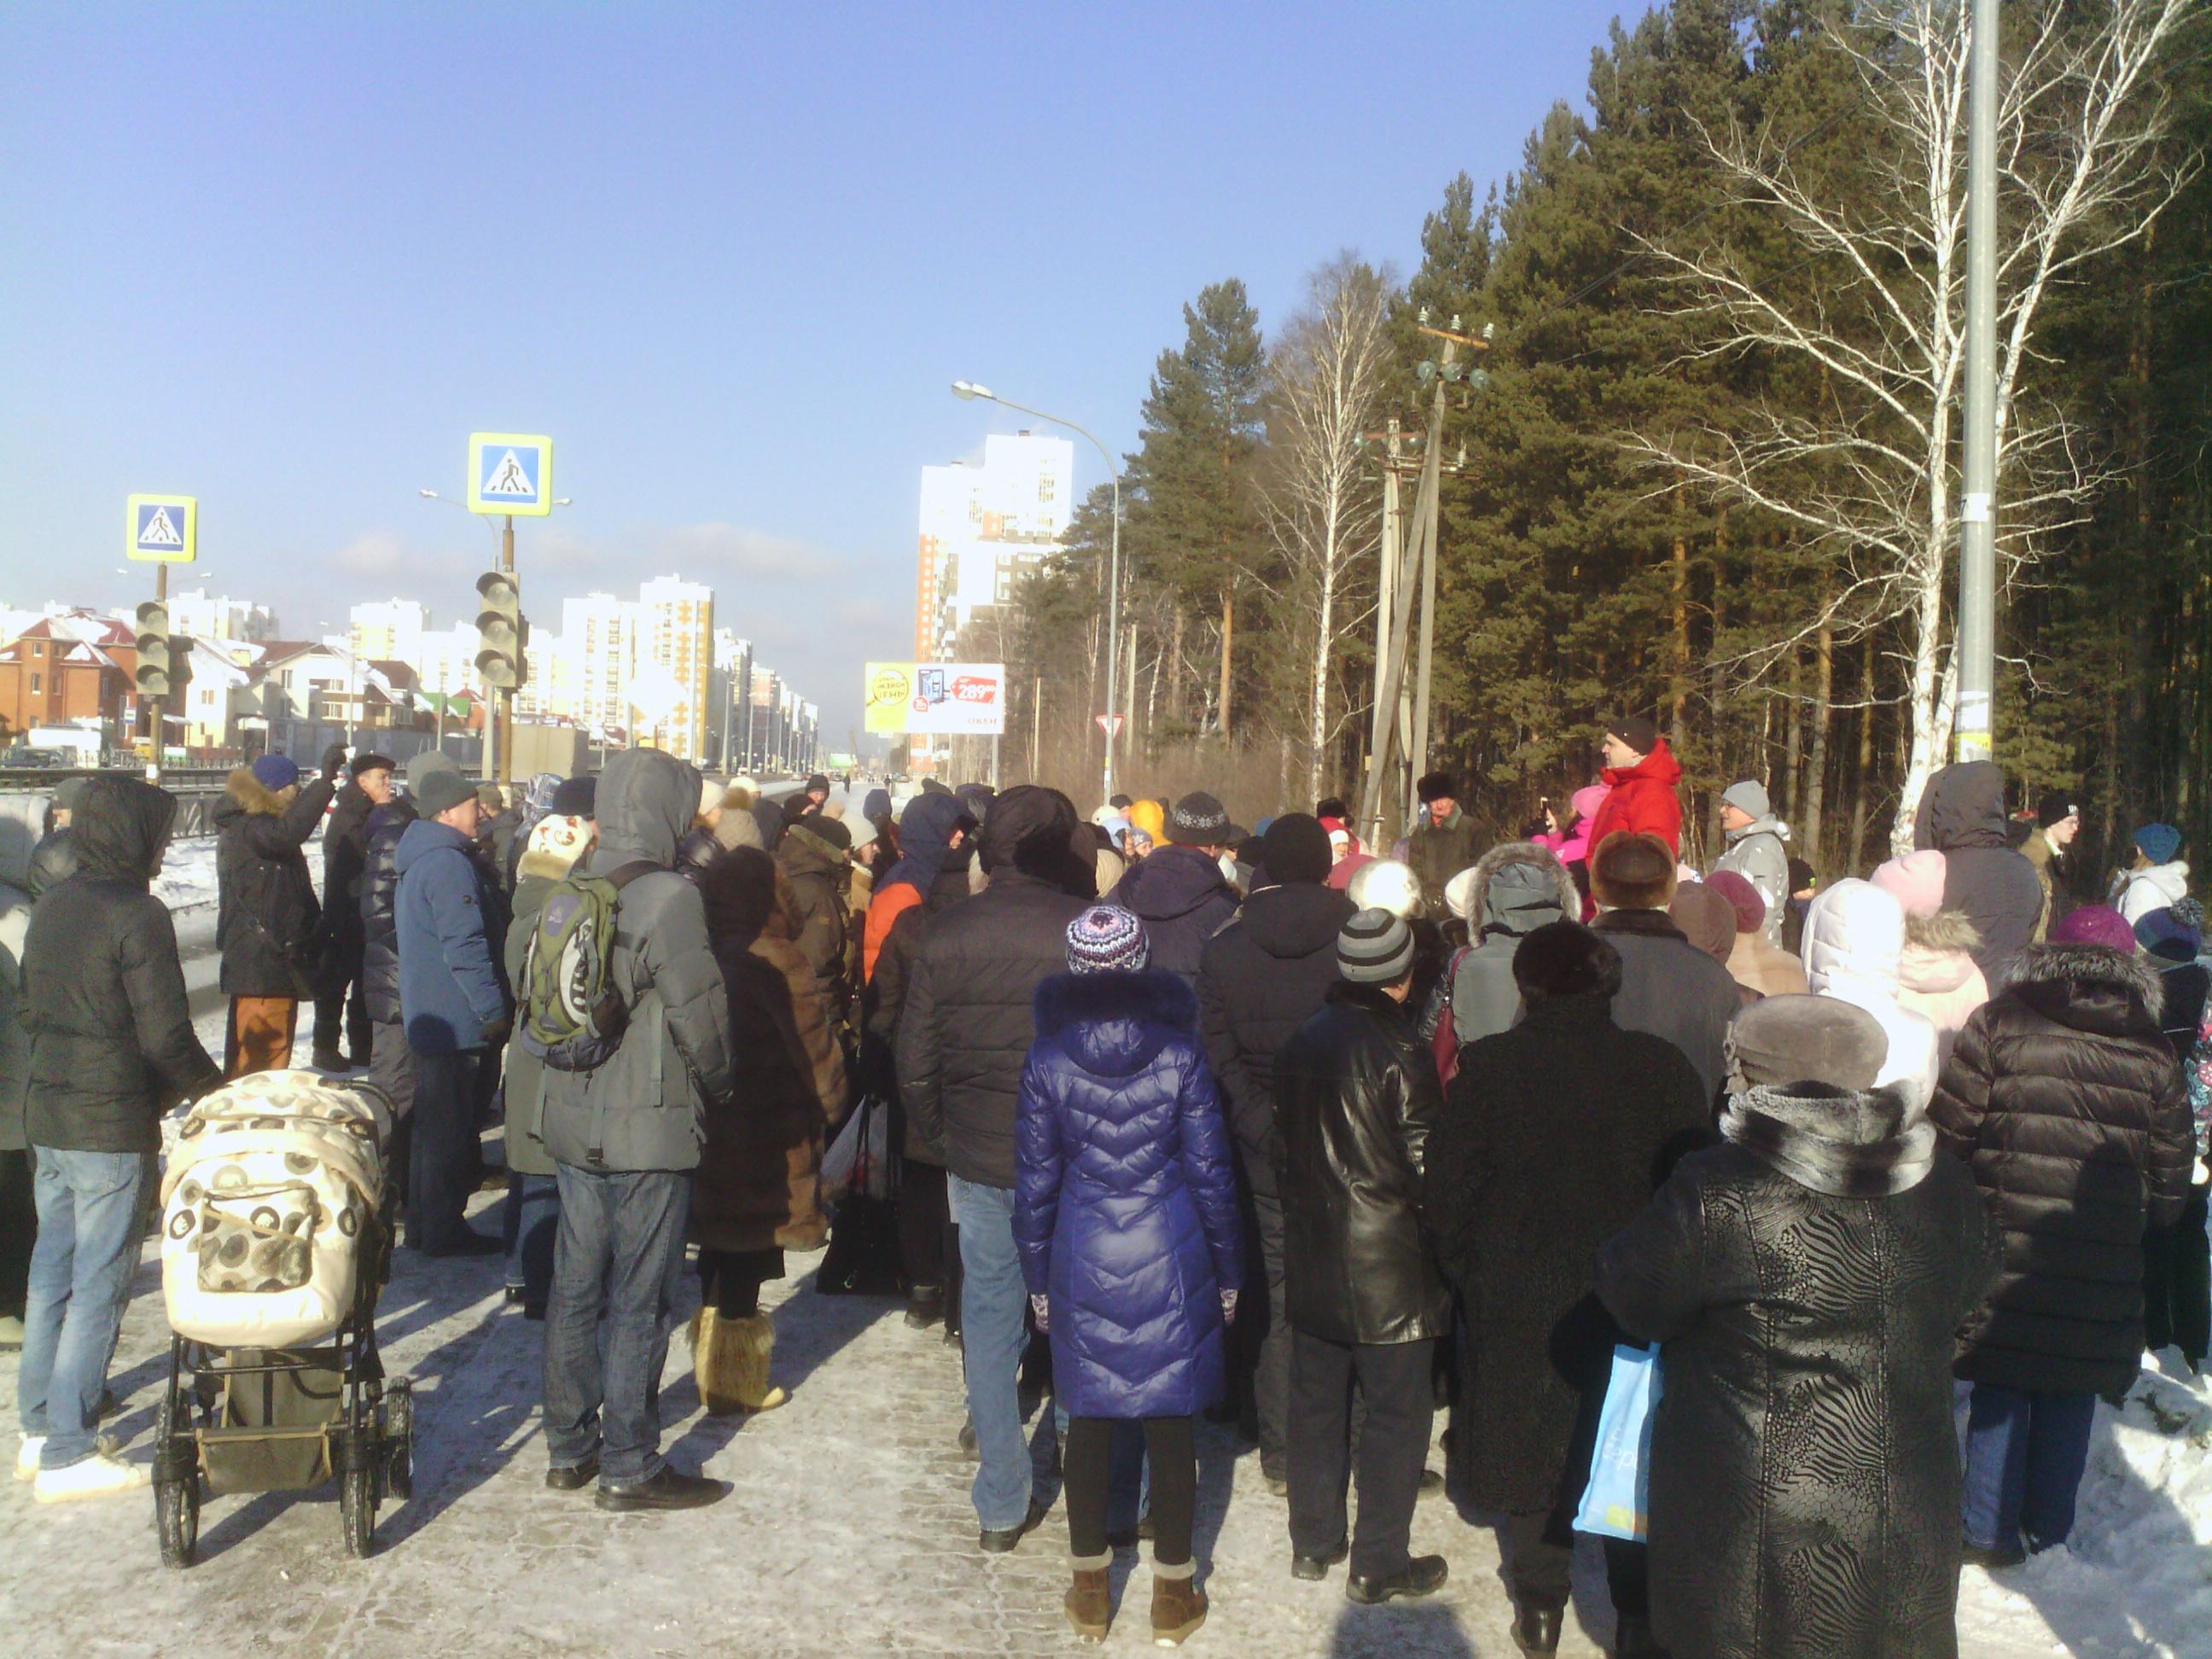 Жители Краснолесья провели флешмоб в защиту березовой рощи (ФОТО)